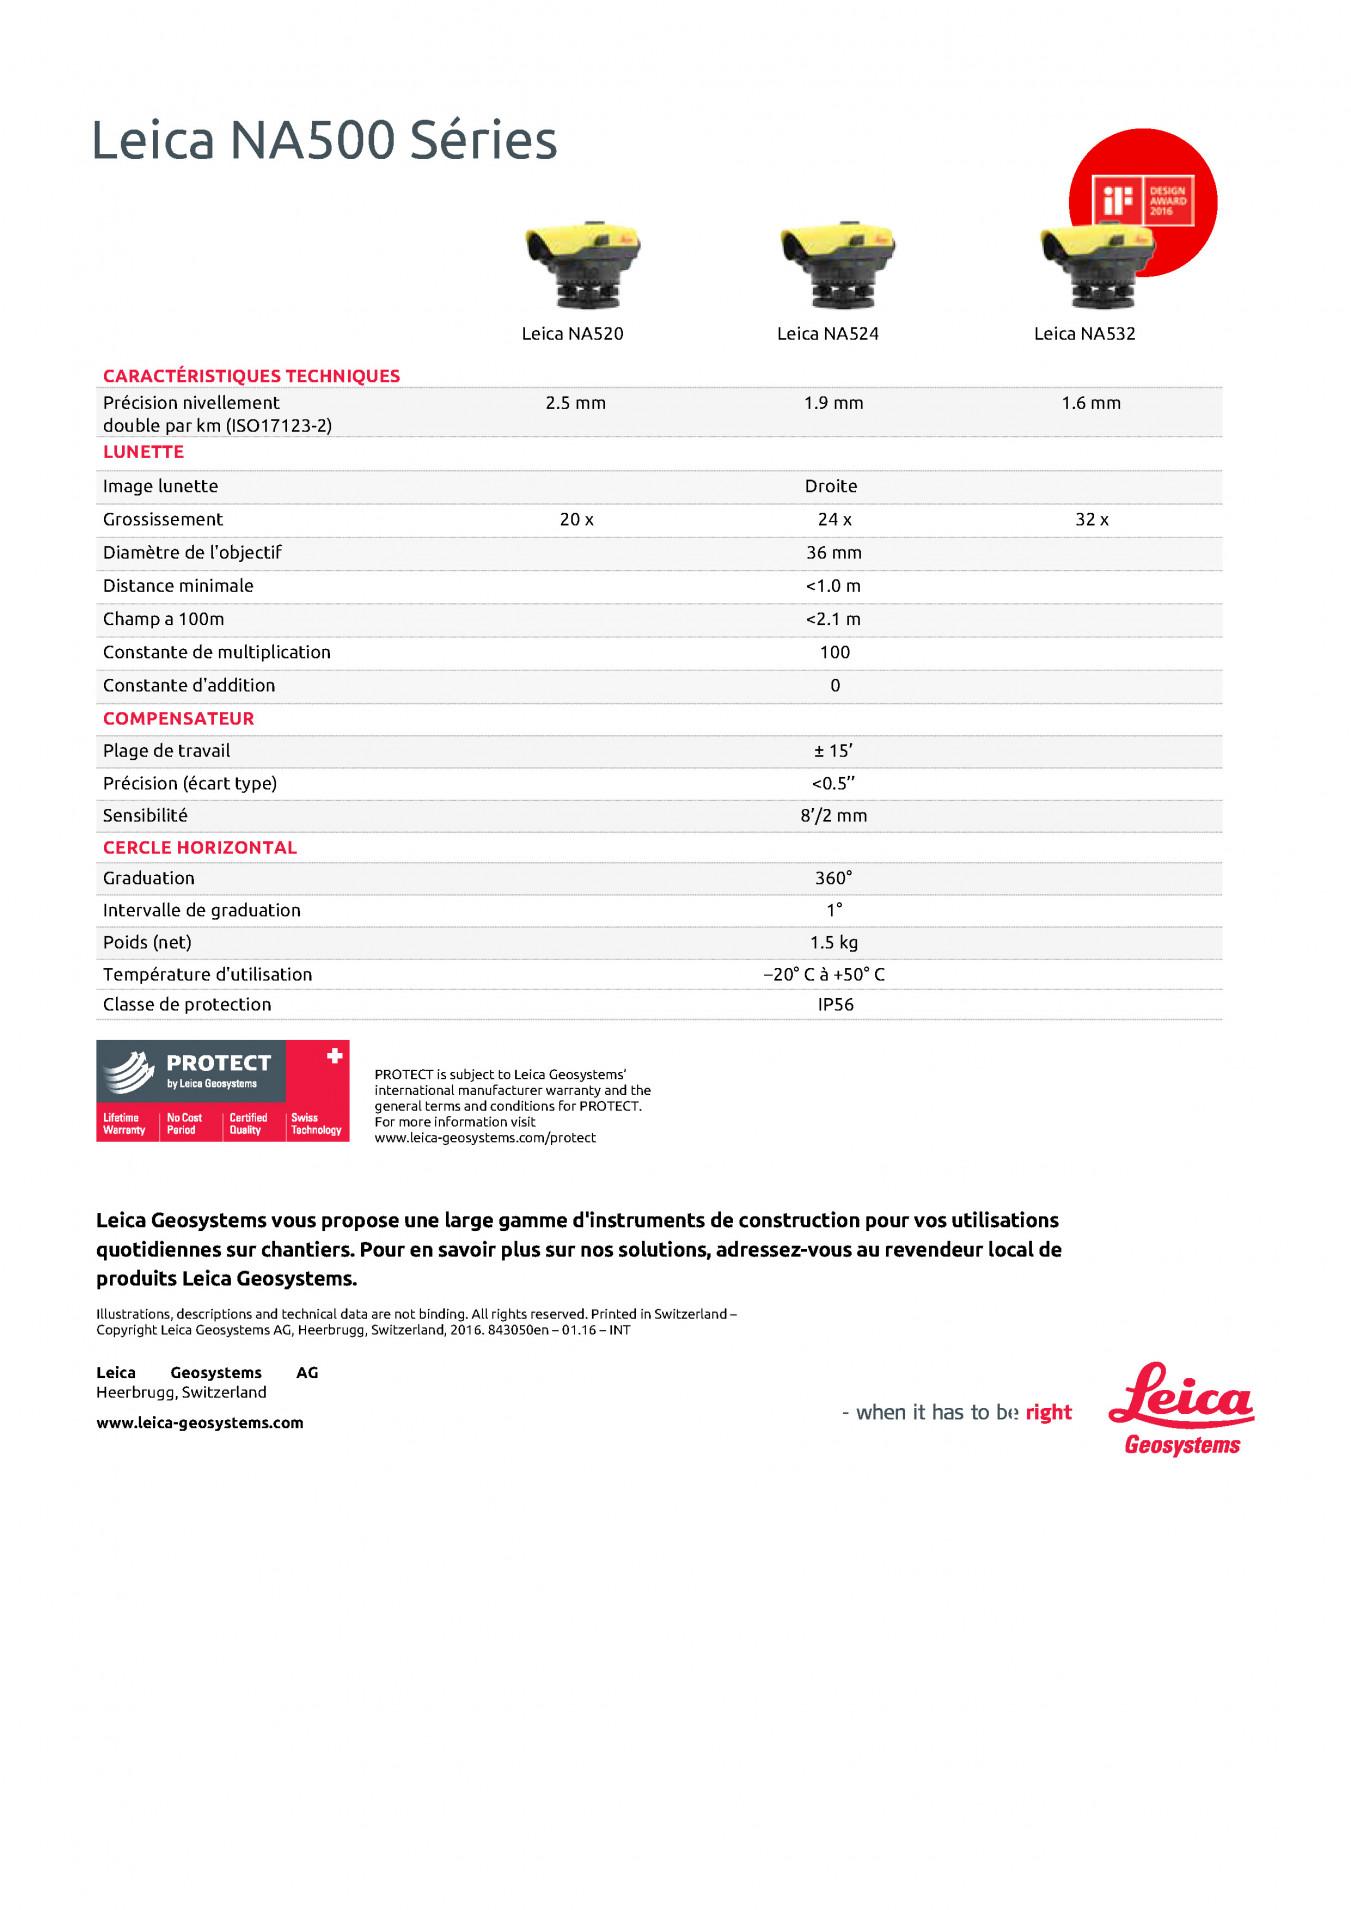 Leica Waterpastoestel 500-series specs_fr.jpg